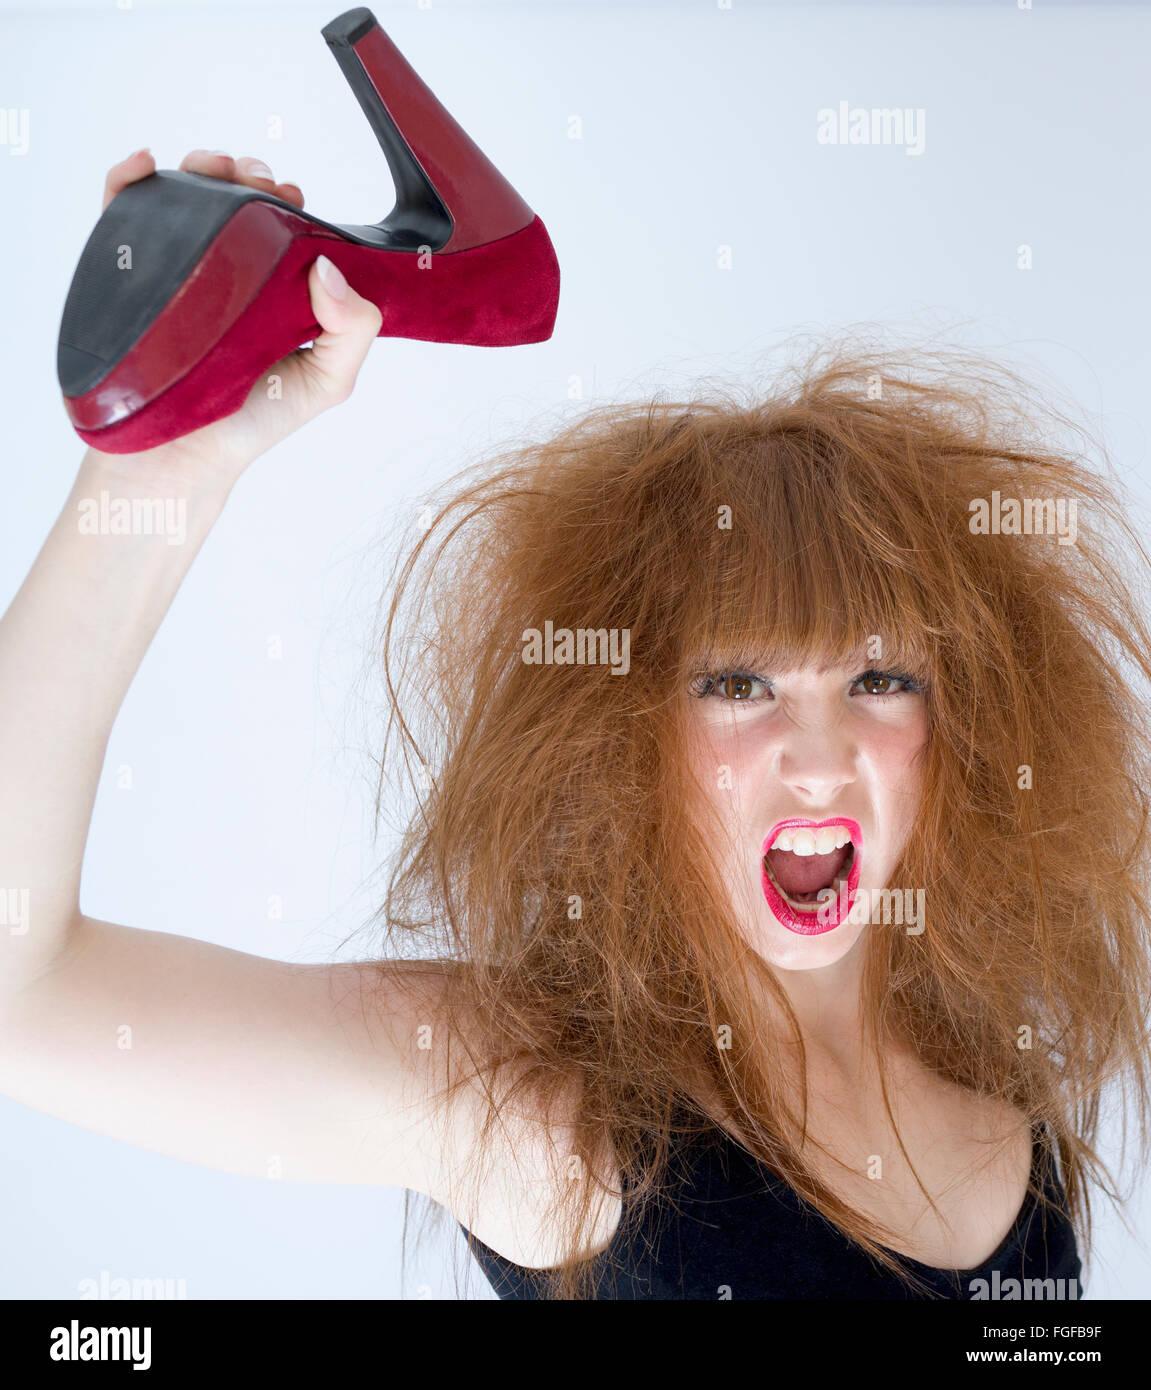 Femme aux cheveux en désordre tenant une chaussure haut talon en daim rouge dans l'air sur le point de Photo Stock